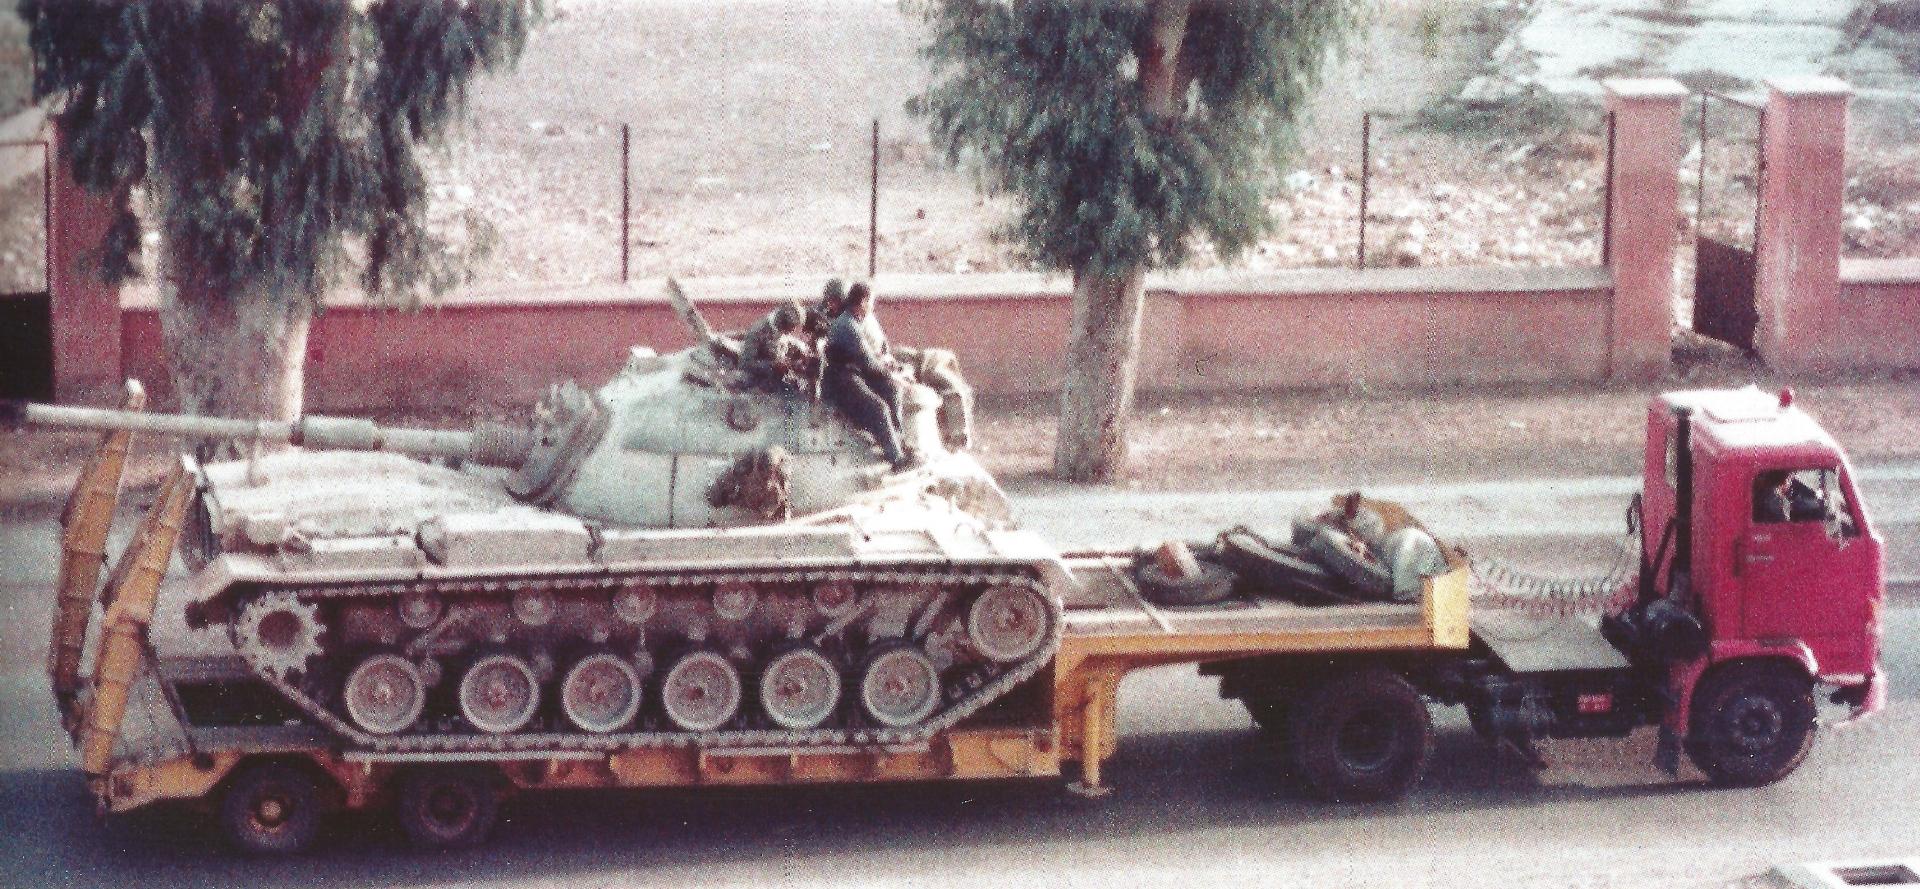 Photos - Chars de Combat / MBTs - Page 2 40083274434_d00a07016c_o